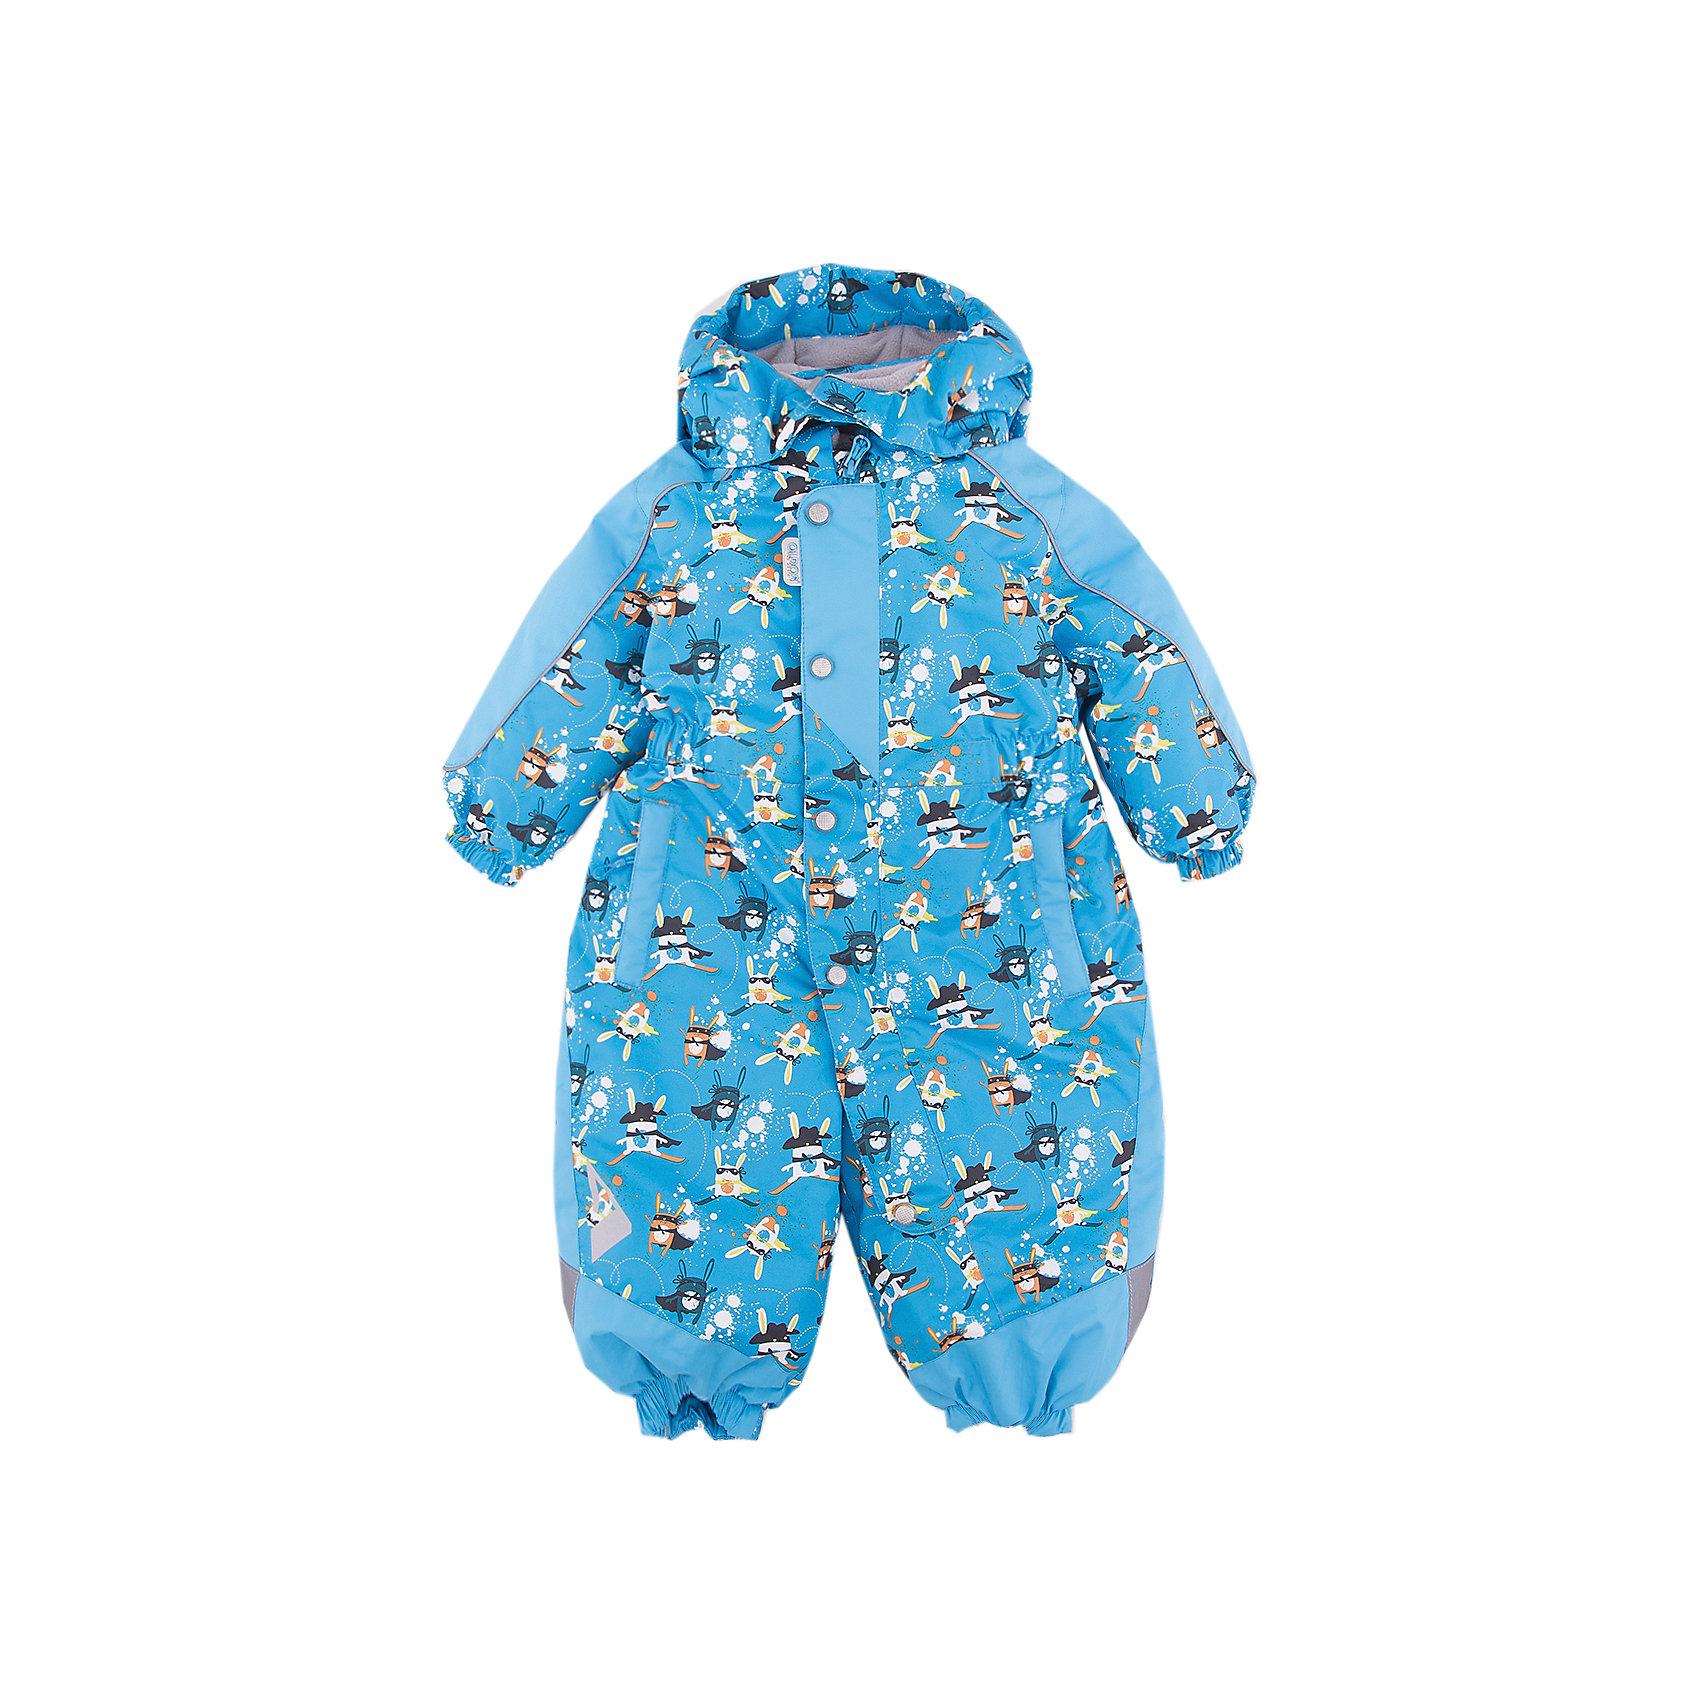 Комбинезон Джей OLDOS для мальчикаВерхняя одежда<br>Характеристики товара:<br><br>• цвет: желтый<br>• состав ткани: полиэстер, Teflon<br>• подкладка: флис<br>• утеплитель: Hollofan pro<br>• сезон: зима<br>• мембранное покрытие<br>• температурный режим: от -30 до +5<br>• водонепроницаемость: 5000 мм <br>• паропроницаемость: 5000 г/м2<br>• плотность утеплителя: 200 г/м2<br>• застежка: молния<br>• капюшон: без меха, съемный<br>• в комплекте флисовый комбинезон<br>• страна бренда: Россия<br>• страна изготовитель: Россия<br><br>Легкий и теплый зимний комбинезон выделяется стильным дизайном. Детский комбинезон для мальчика дополнен элементами, помогающими подогнать размер точно под ребенка. Детский зимний комбинезон создан с применением мембранной технологии, поэтому рассчитан и на очень холодную погоду. <br><br>Комбинезон Джей Oldos (Олдос) для мальчика можно купить в нашем интернет-магазине.<br><br>Ширина мм: 356<br>Глубина мм: 10<br>Высота мм: 245<br>Вес г: 519<br>Цвет: голубой<br>Возраст от месяцев: 12<br>Возраст до месяцев: 15<br>Пол: Мужской<br>Возраст: Детский<br>Размер: 80<br>SKU: 7015636